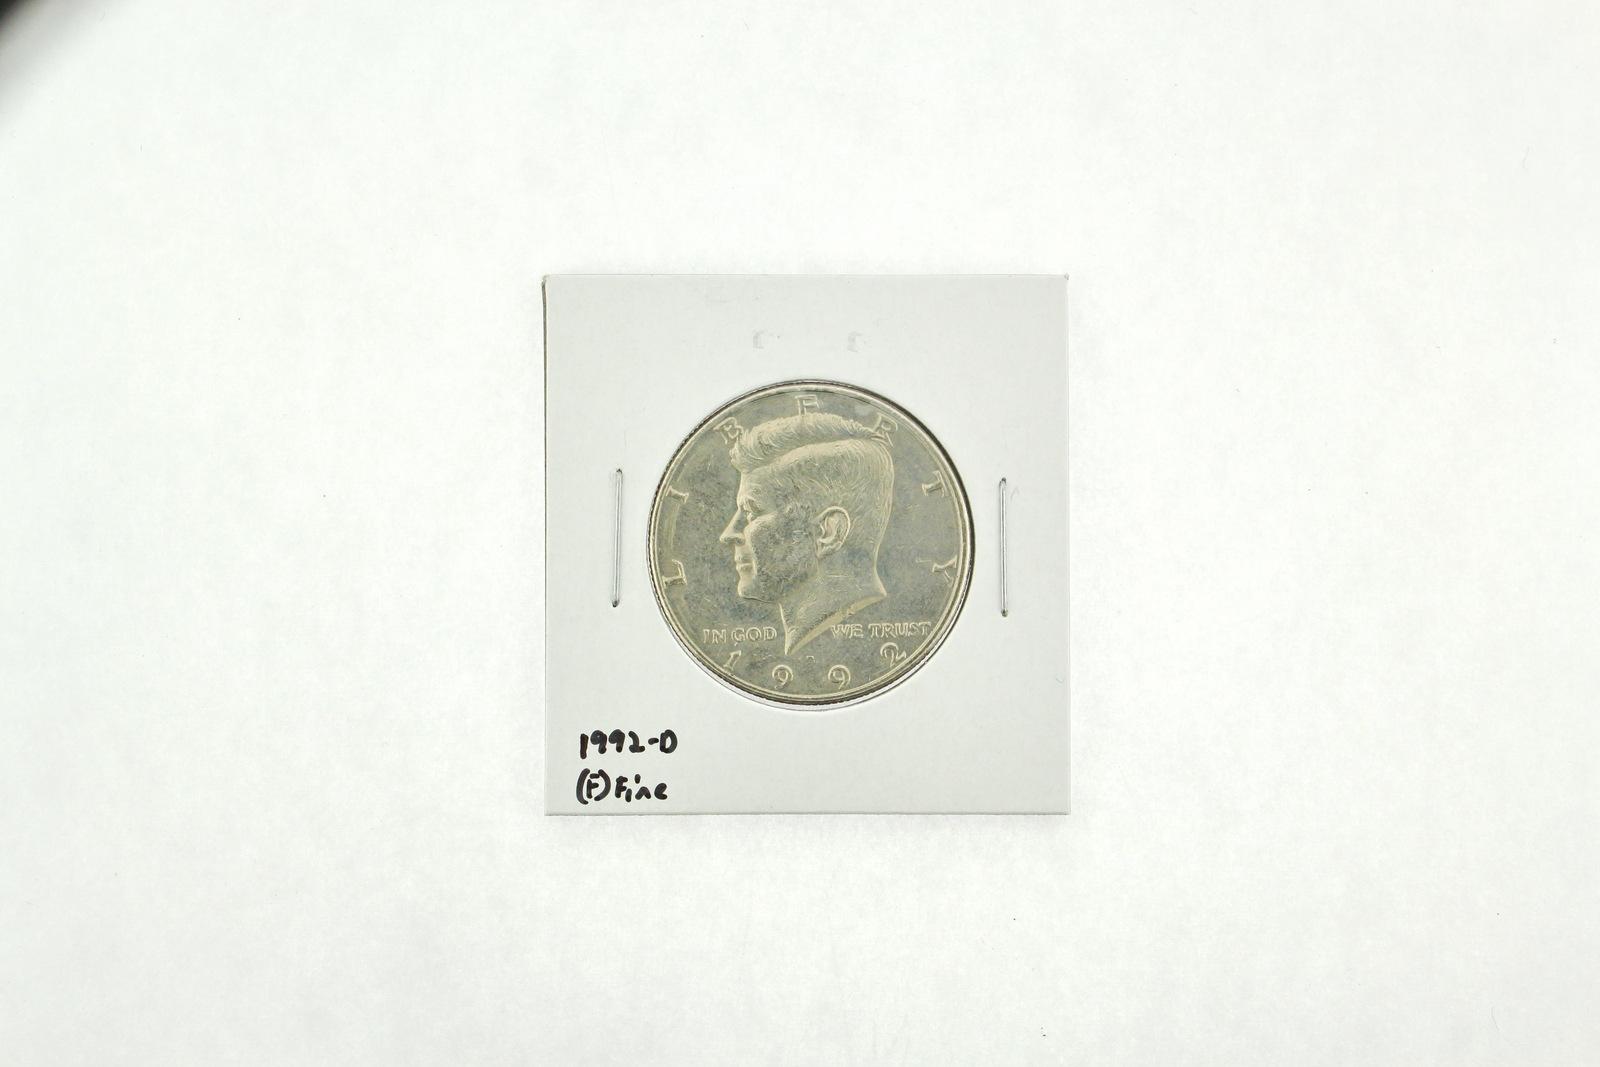 1992-D Kennedy Half Dollar (F) Fine N2-3850-1